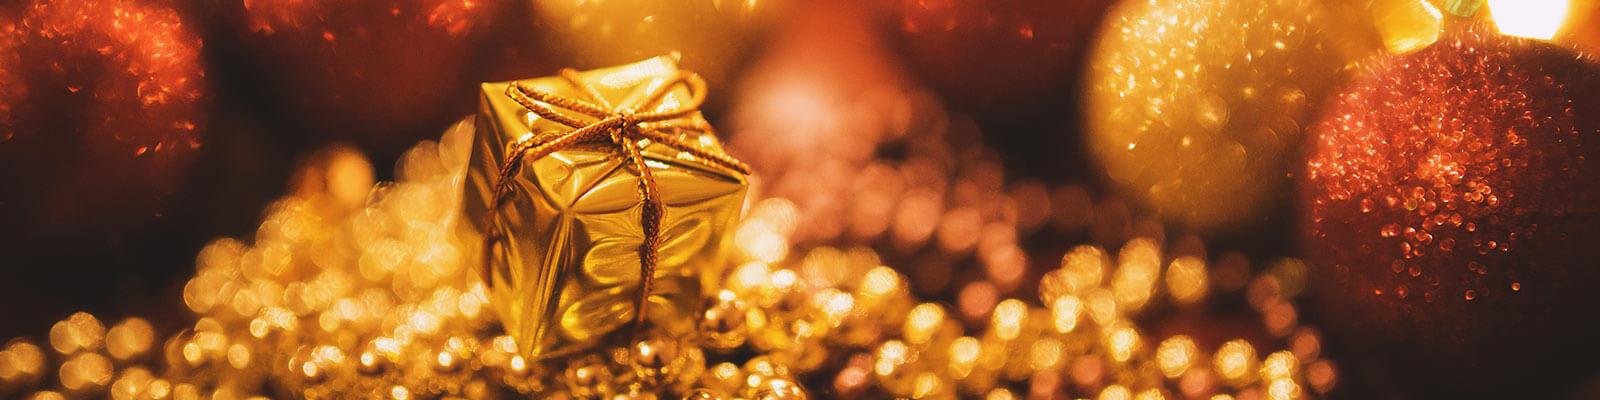 Ideen Weihnachtsfeier 3 Klasse.Top 10 Ungewöhnliche Ideen Für Die Weihnachtsfeier In Wien Susi